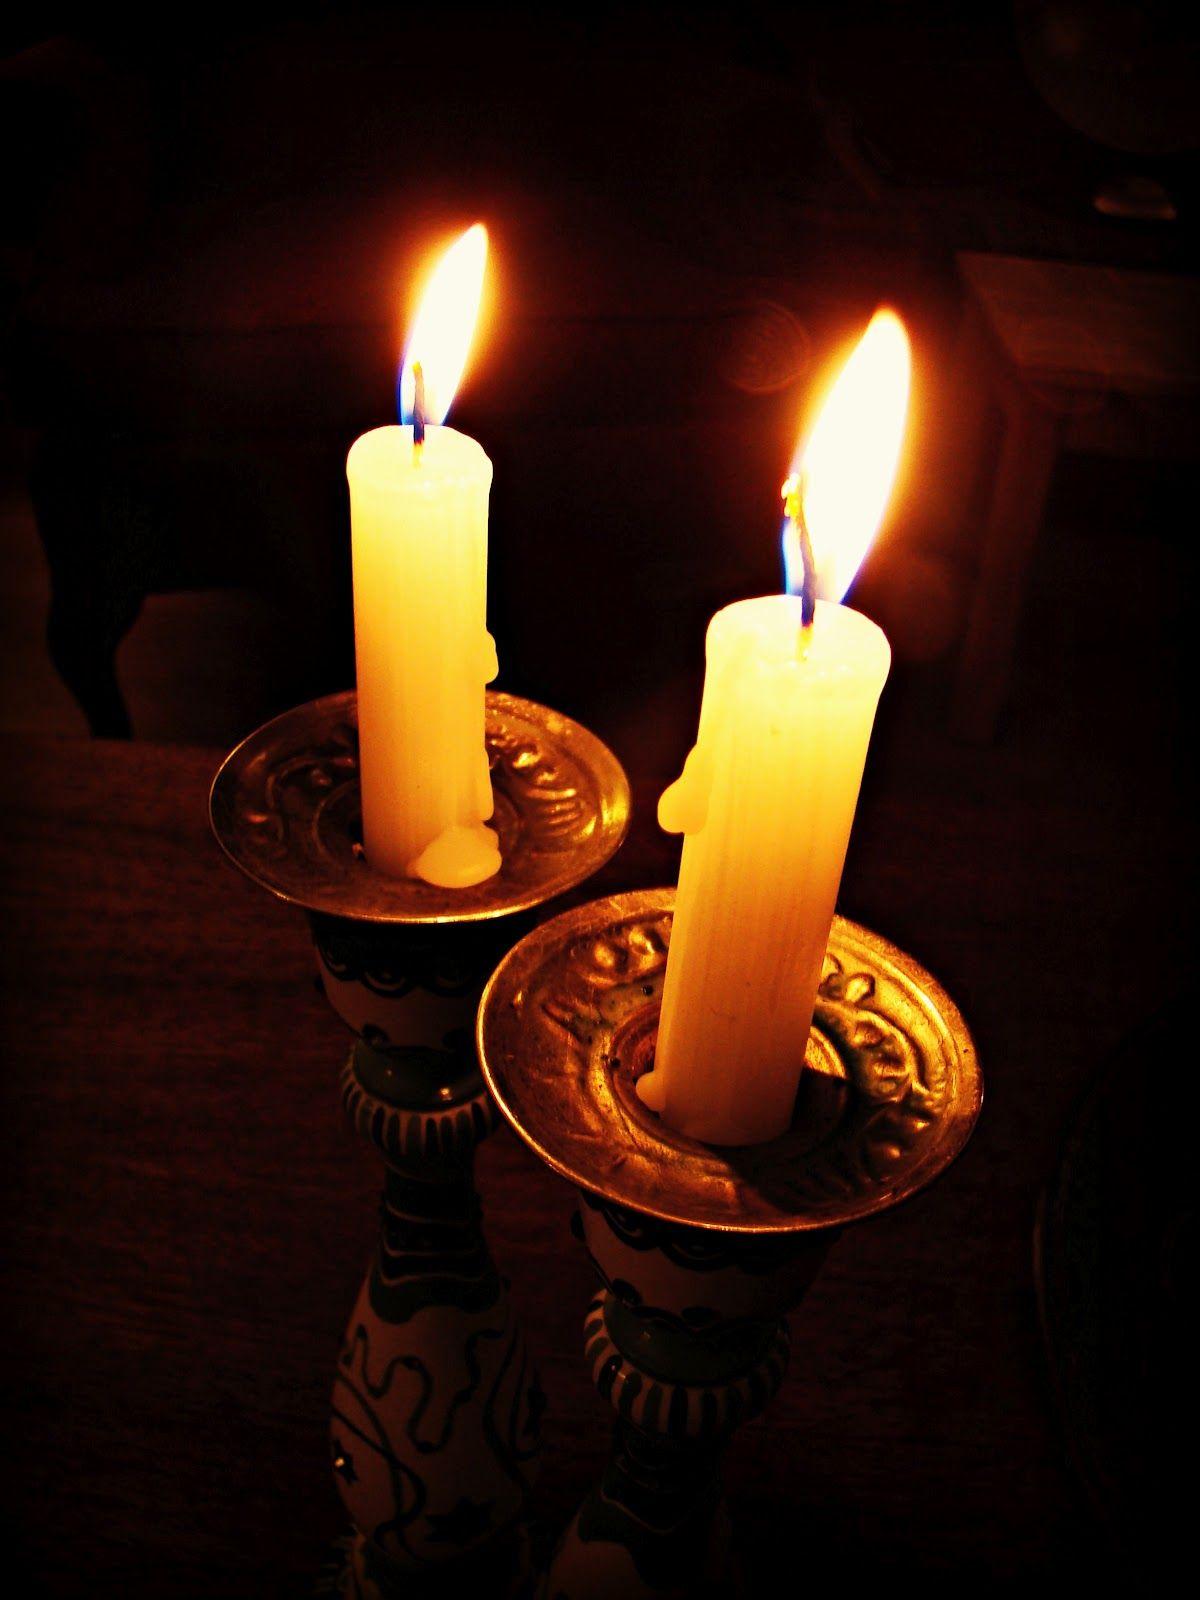 Shabbat Candles Candles Amp More Shabbat Candles Good